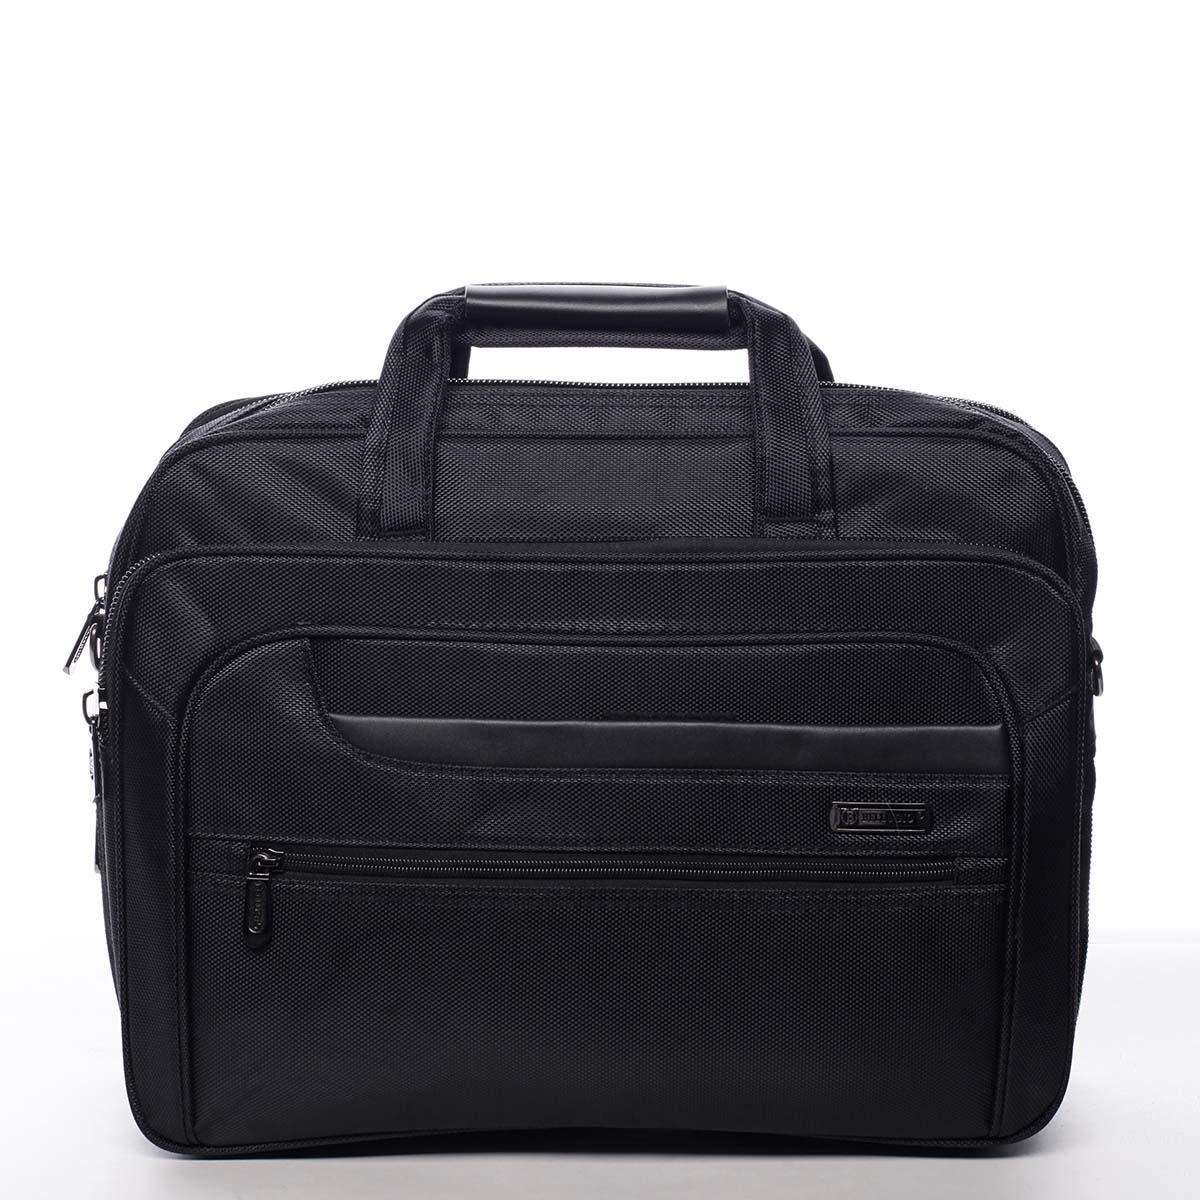 Pánska taška na notebook čierna - Bellugio Sina čierna